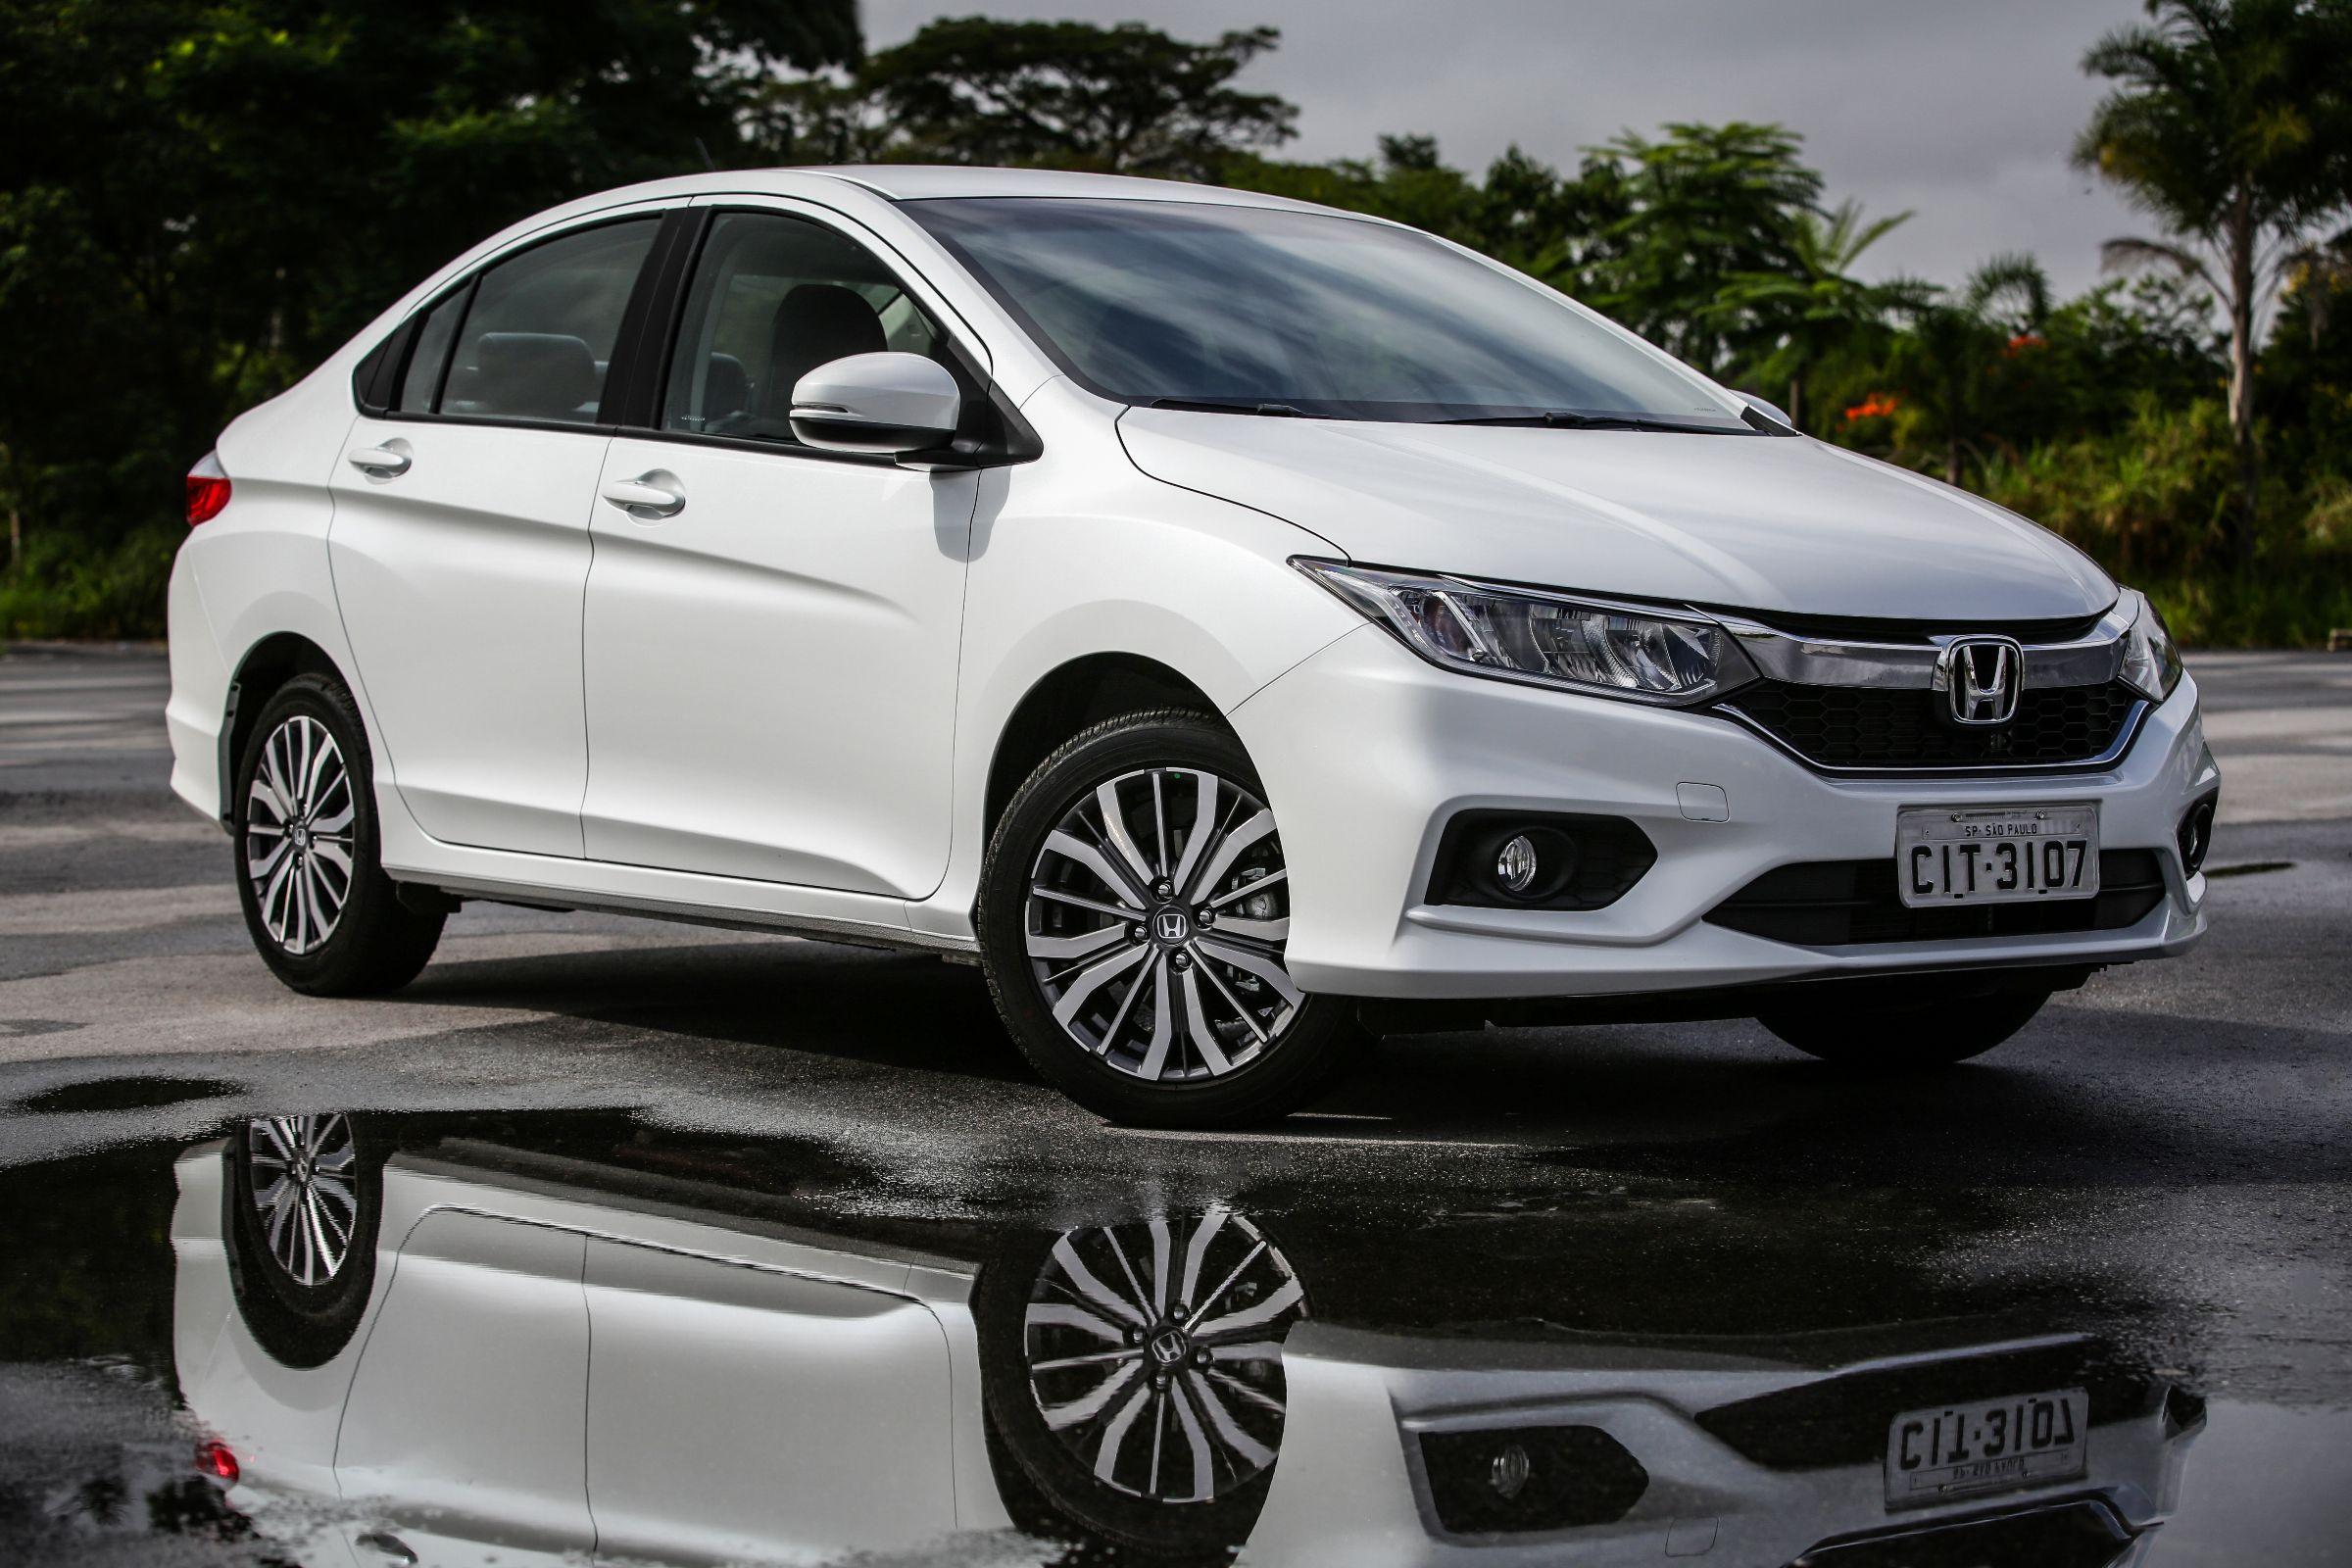 Honda City 2018 continua sem controles de estabilidade e tração